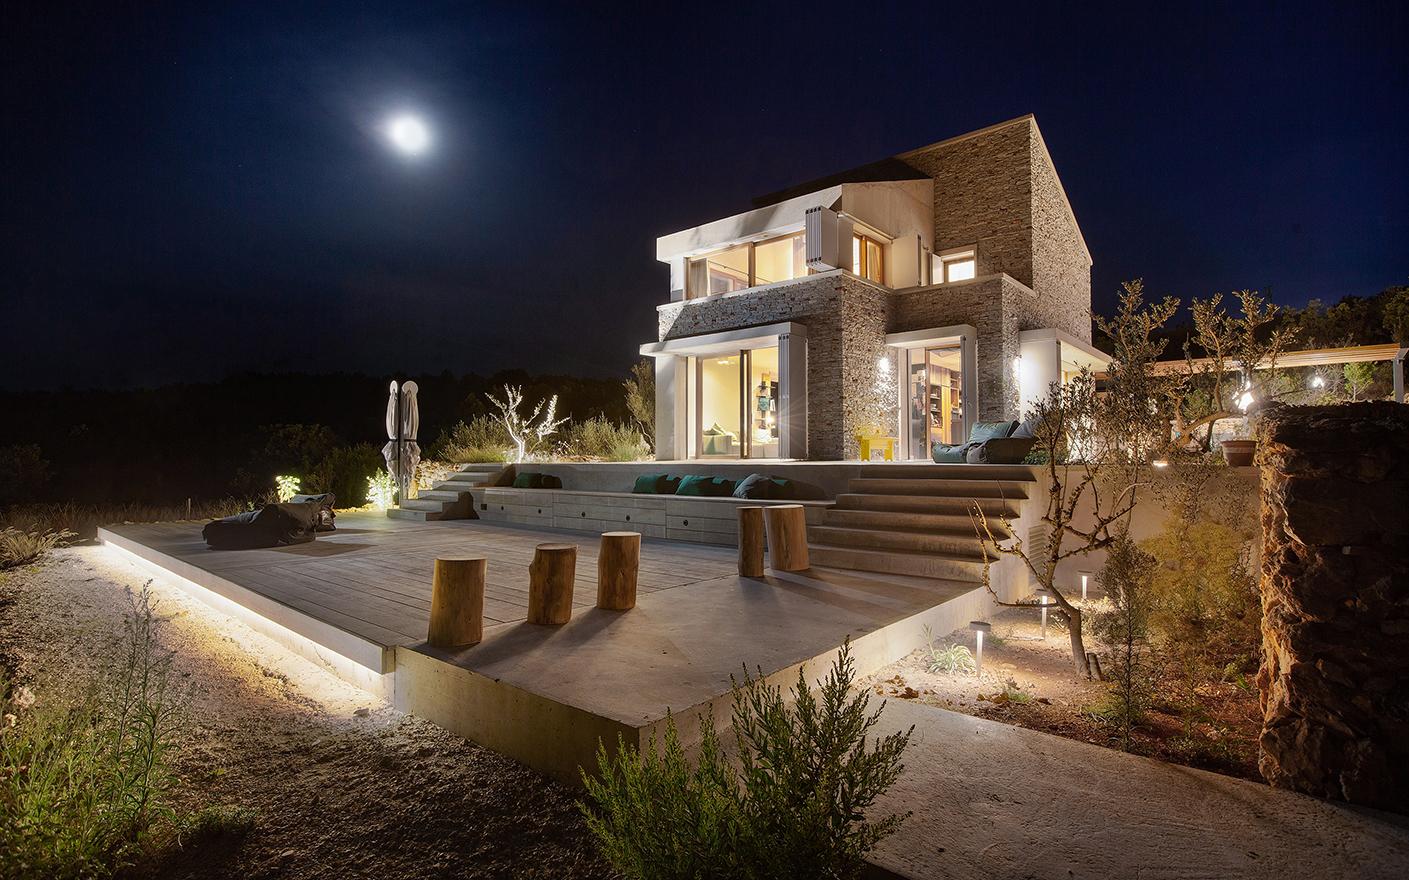 Das Haus Arhitektri Hr